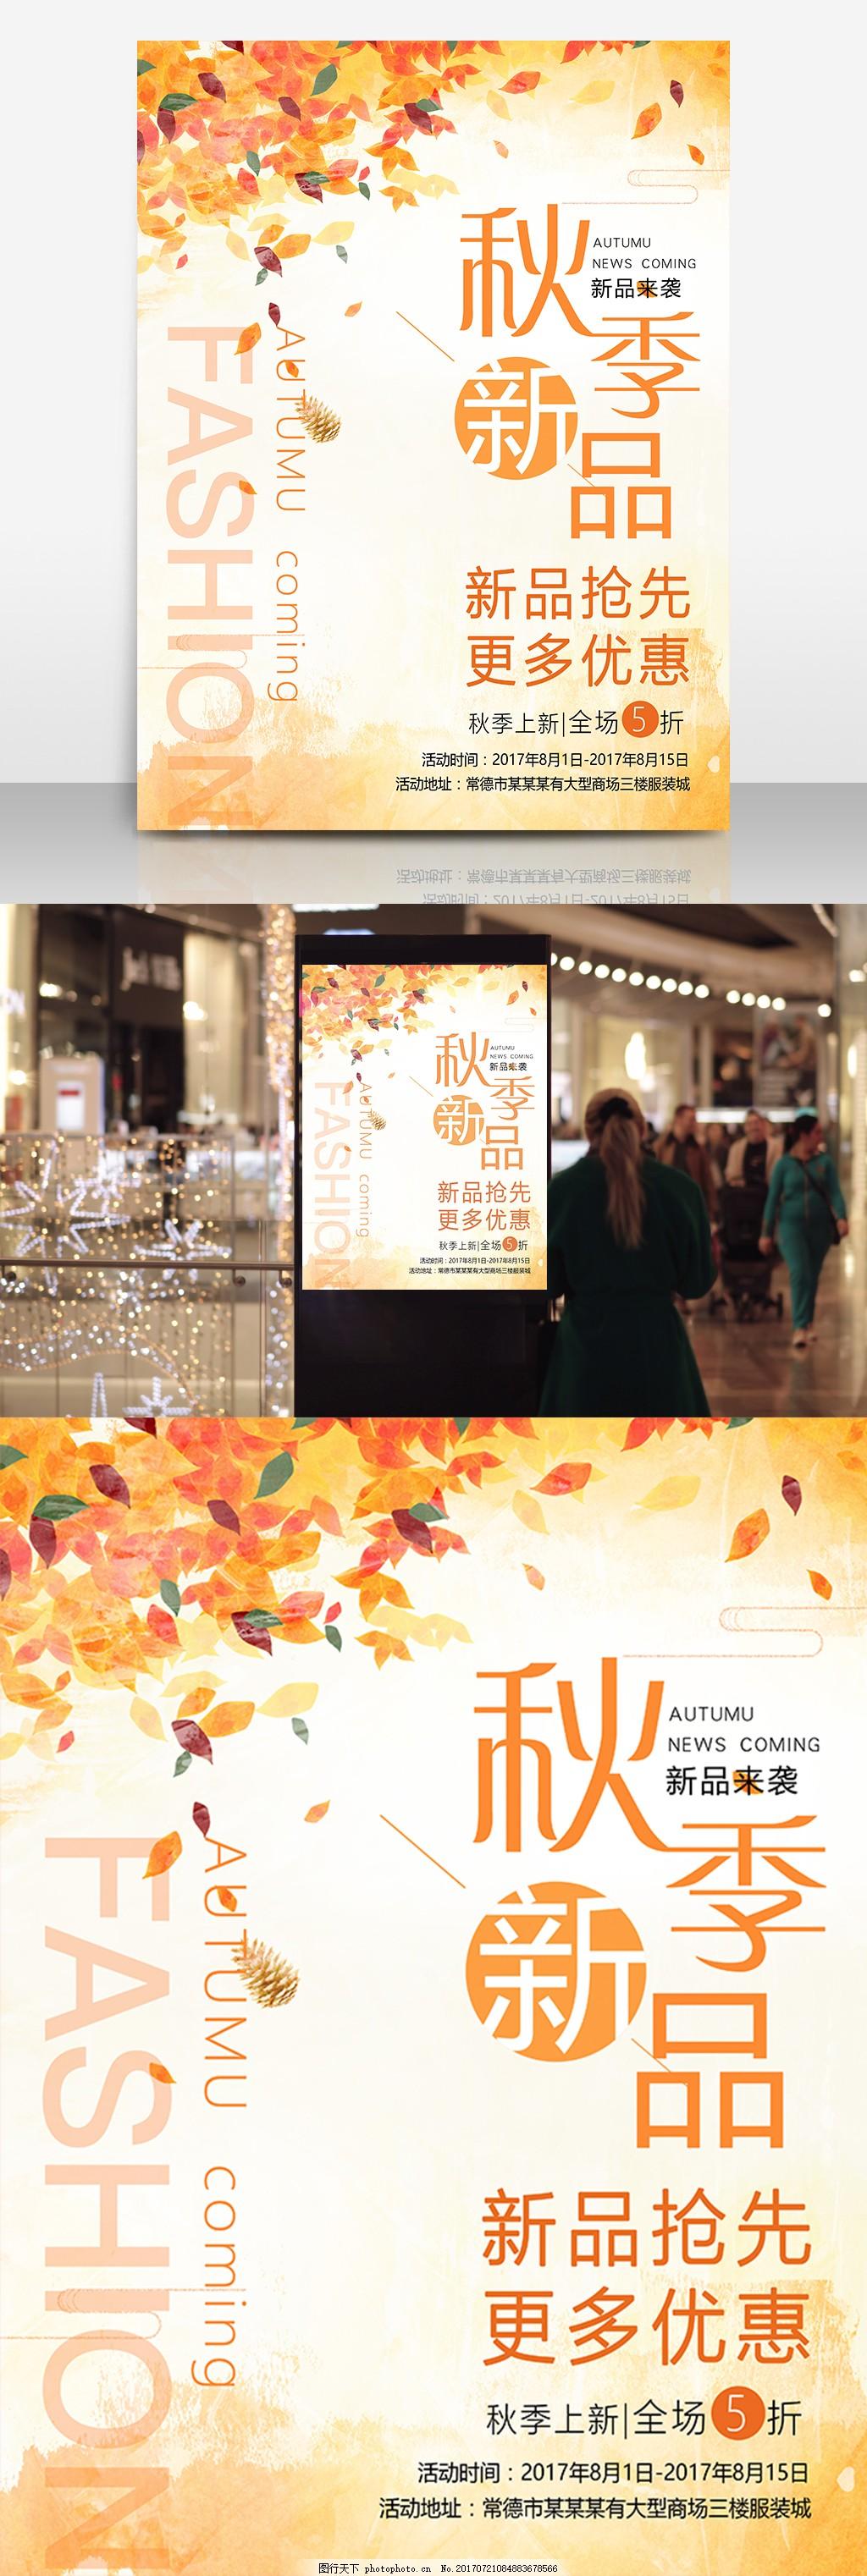 秋季促销新品上市活动海报 秋季上新 秋季新品 秋装上市 秋天